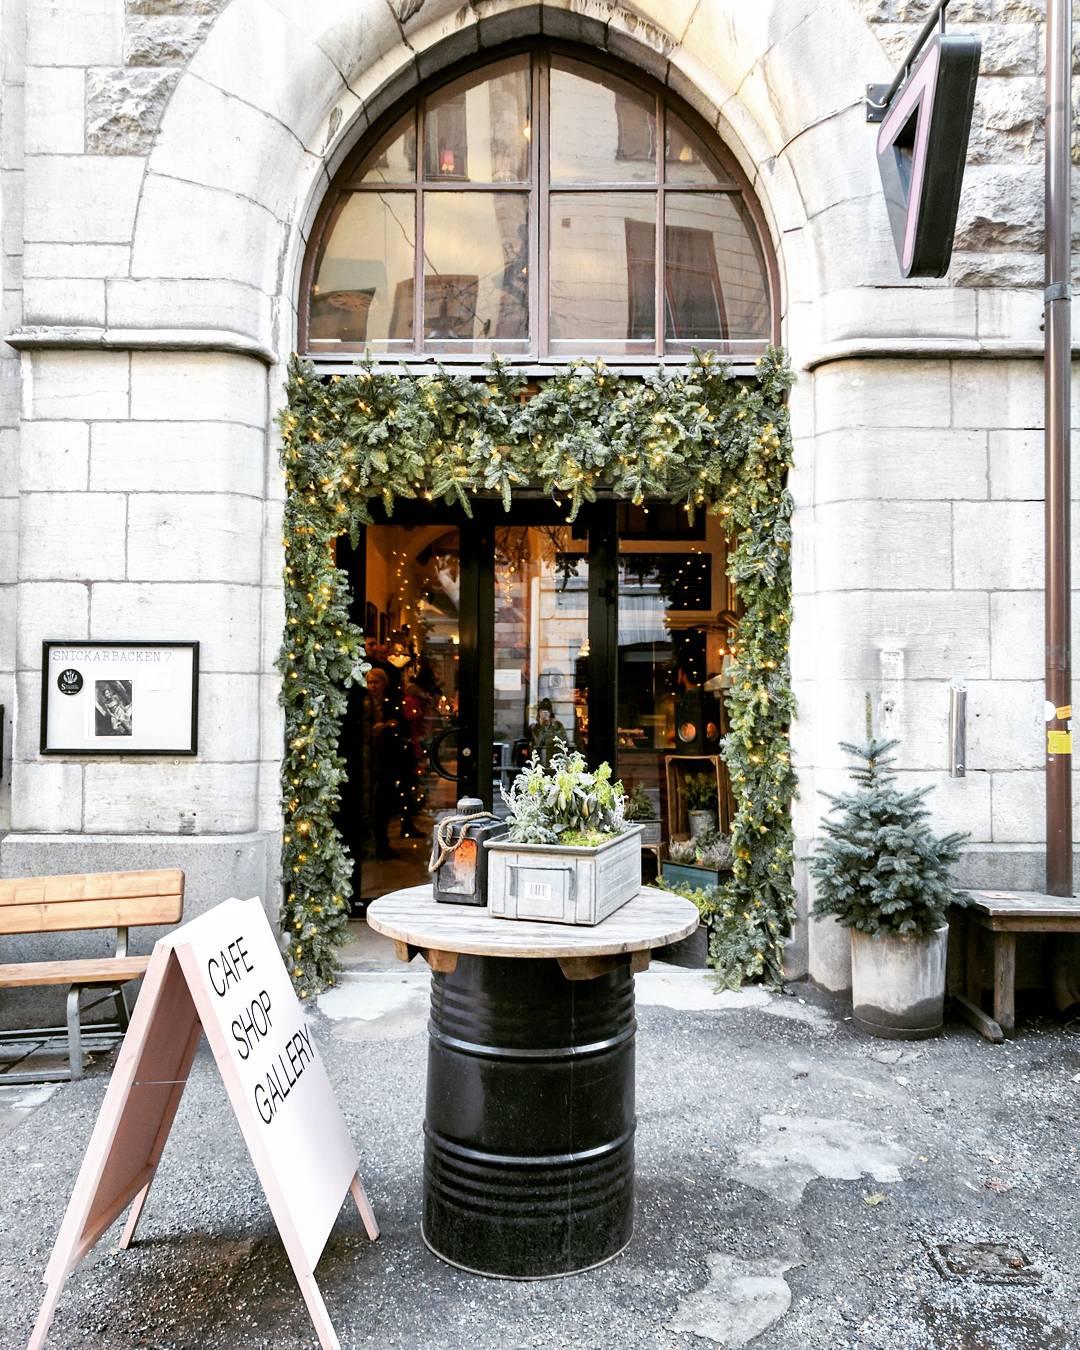 Snickarbaken 7 Cafe in Stockholm